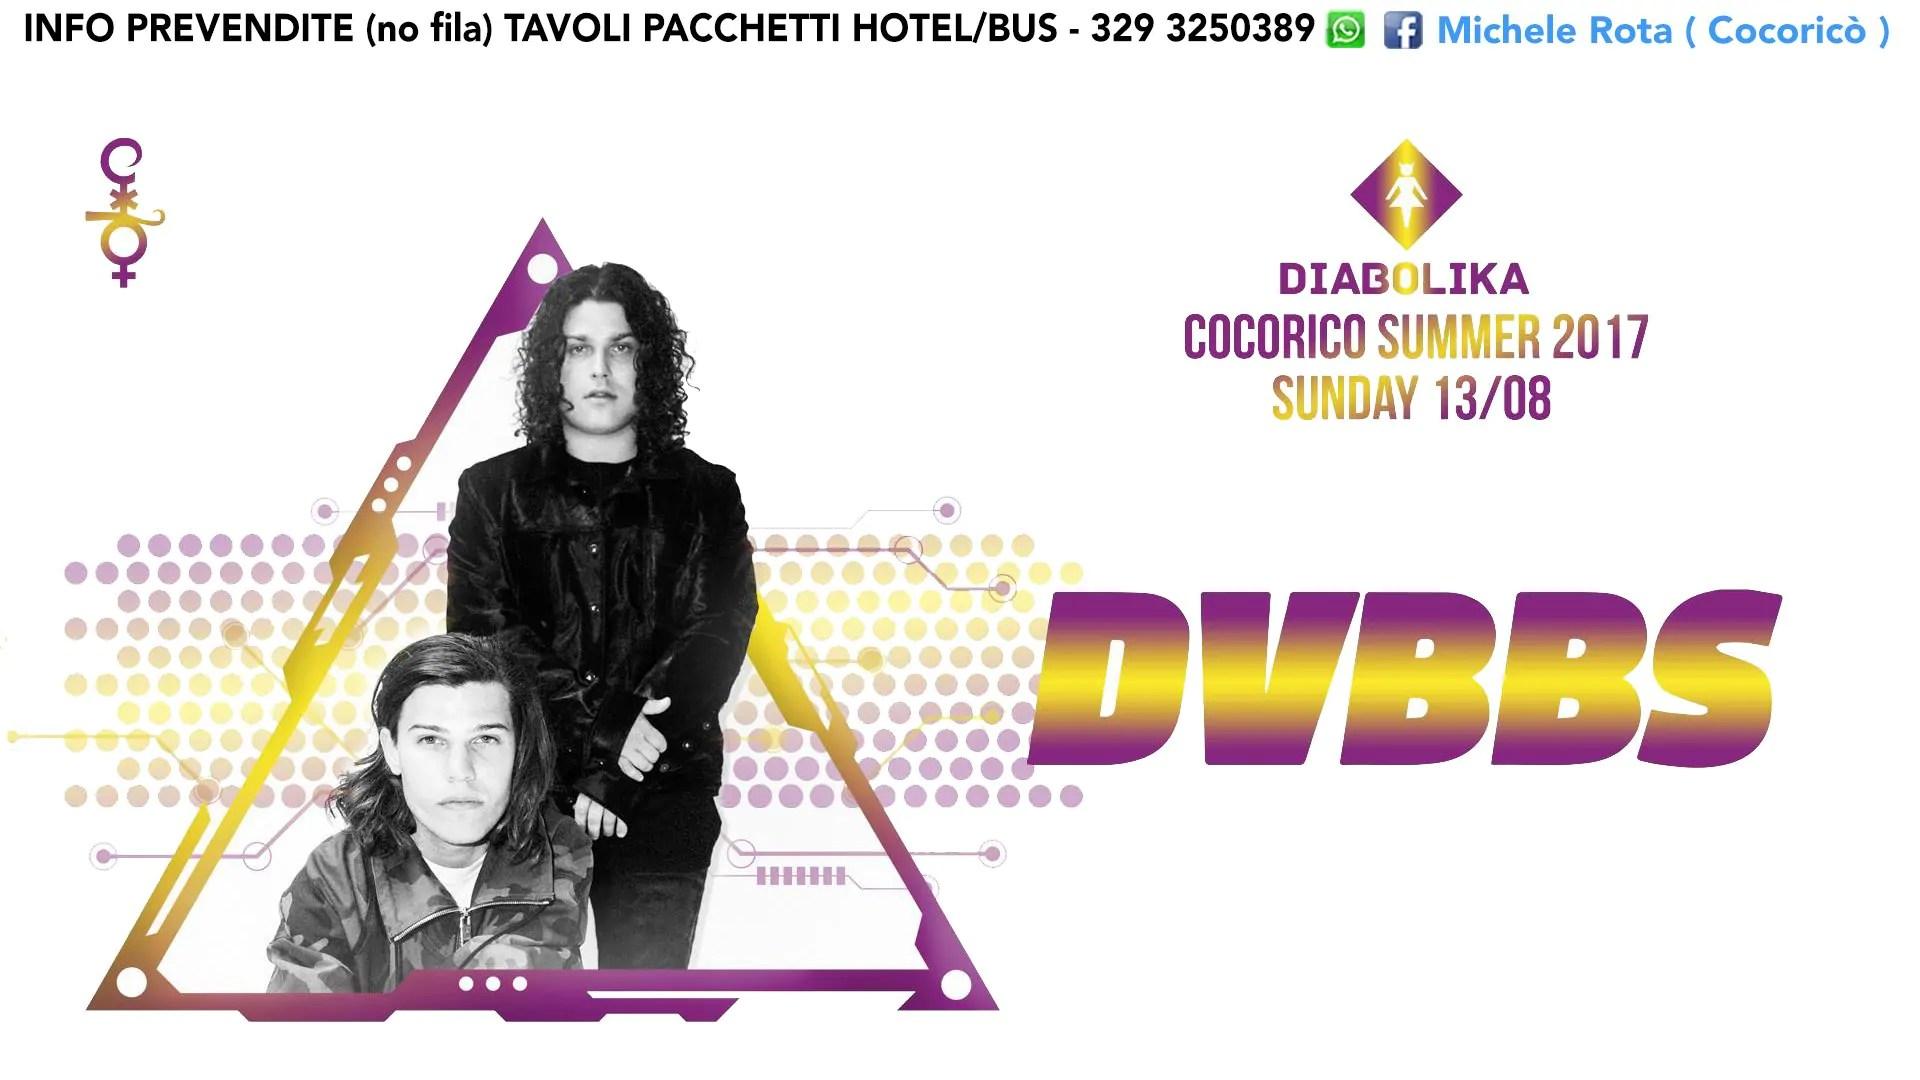 Domenica 13 08 2017 DVBBS COCORICO PREZZI PREVENDITE BIGLIETTI TAVOLI HOTEL + PULLMAN